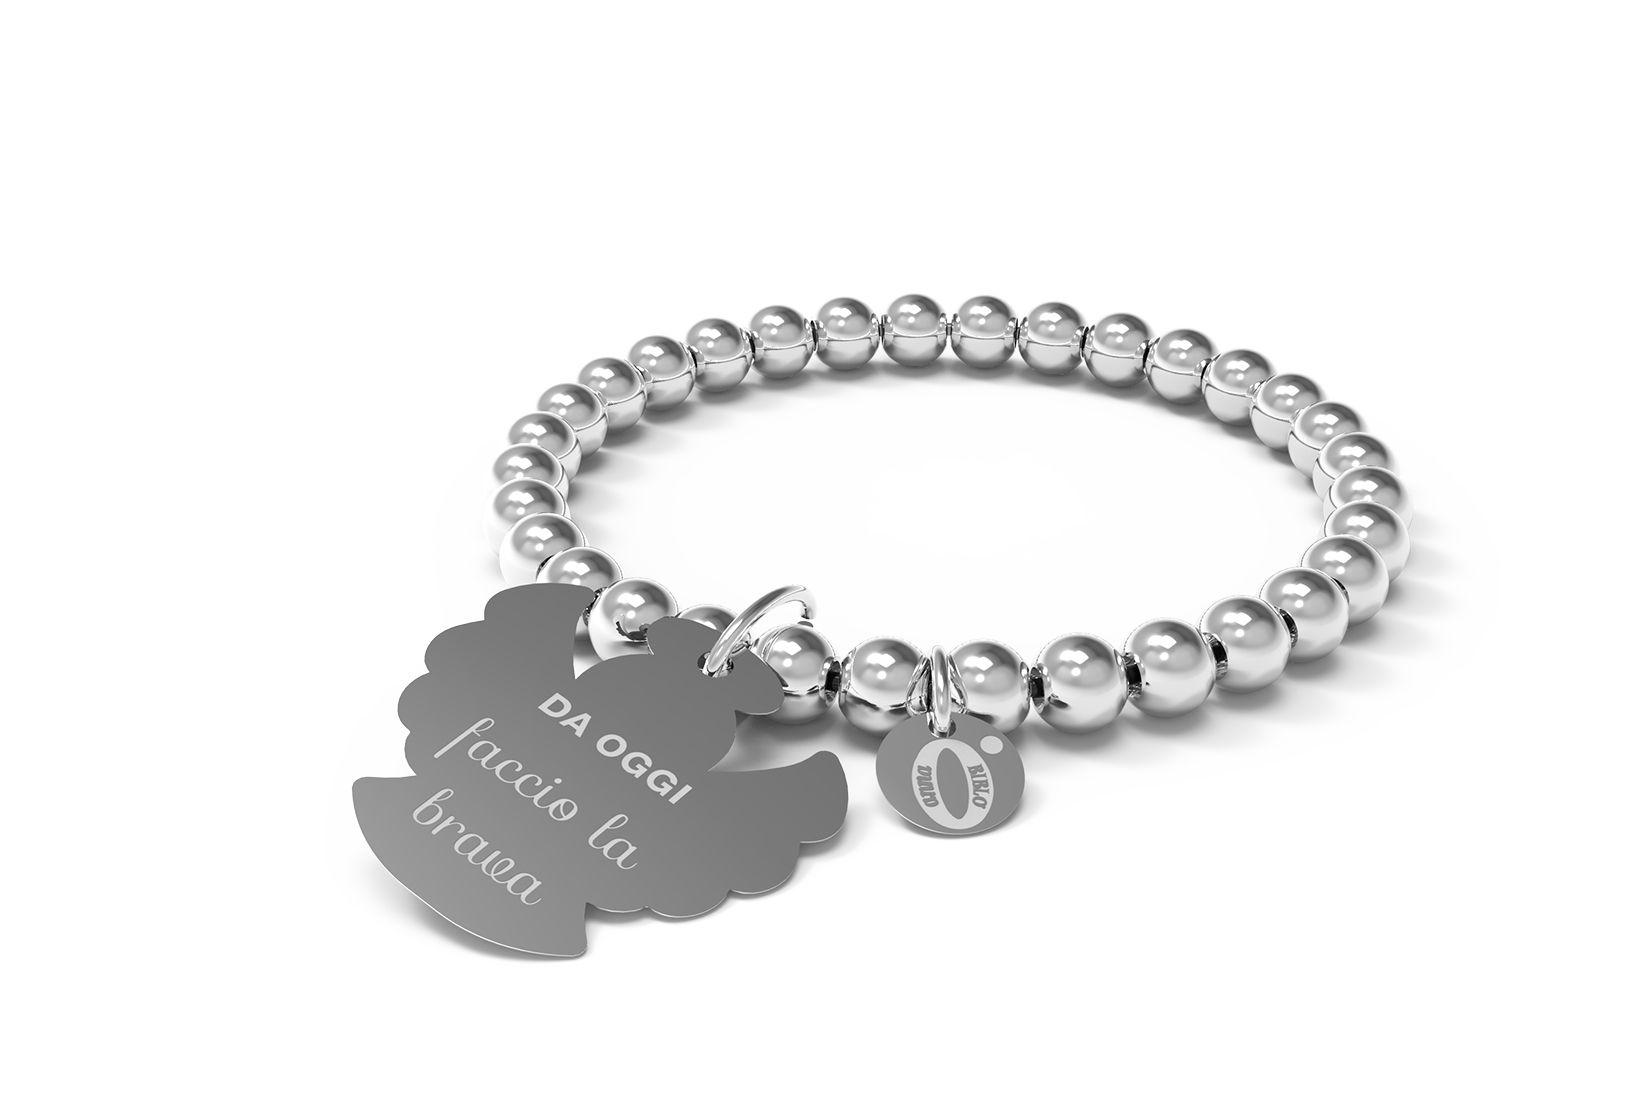 DA OGGI faccio la brava  Discover 10 Buoni propositi collection and find your own resolution!  #10buonipropositi #goodresolutions #steel #madeinitaly #bracelet